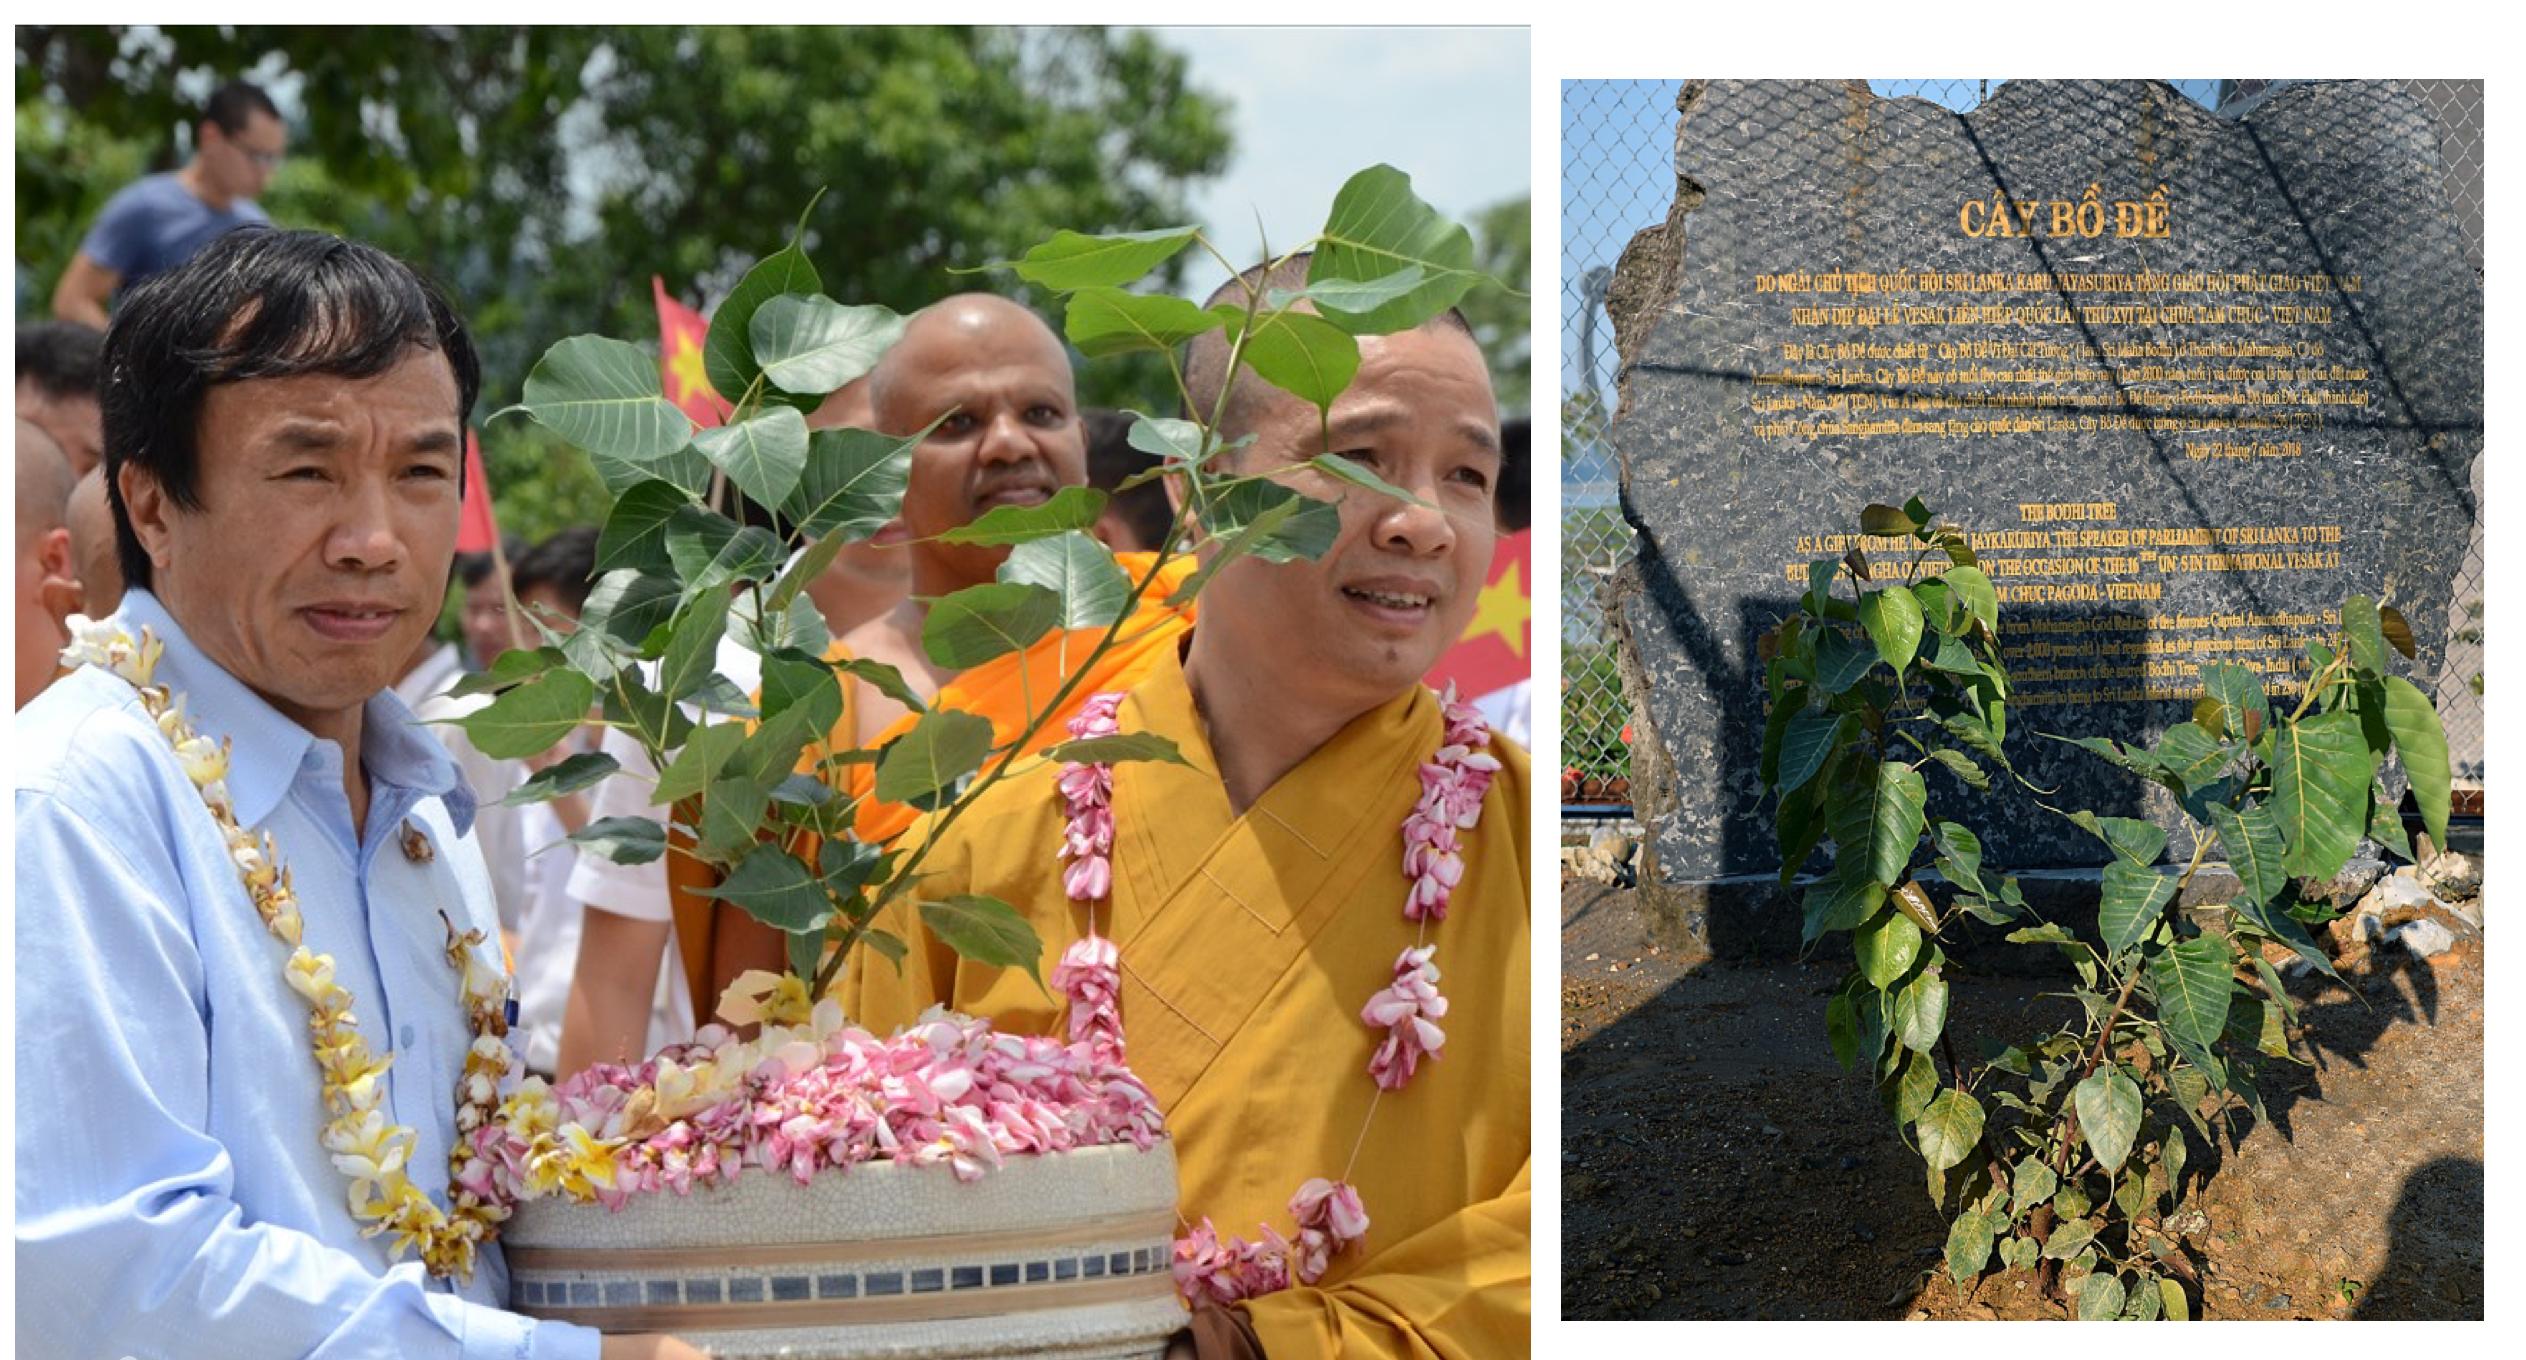 """Chùa Tam Chúc còn đang trồng cây bồ đề được chiết từ cây """"Cây Bồ Đề Vĩ Ðại Cát Tường"""" có tuổi thọ lớn nhất thế giới do Chủ tịch Quốc hội Sri Lanka tặng cho Việt Nam."""